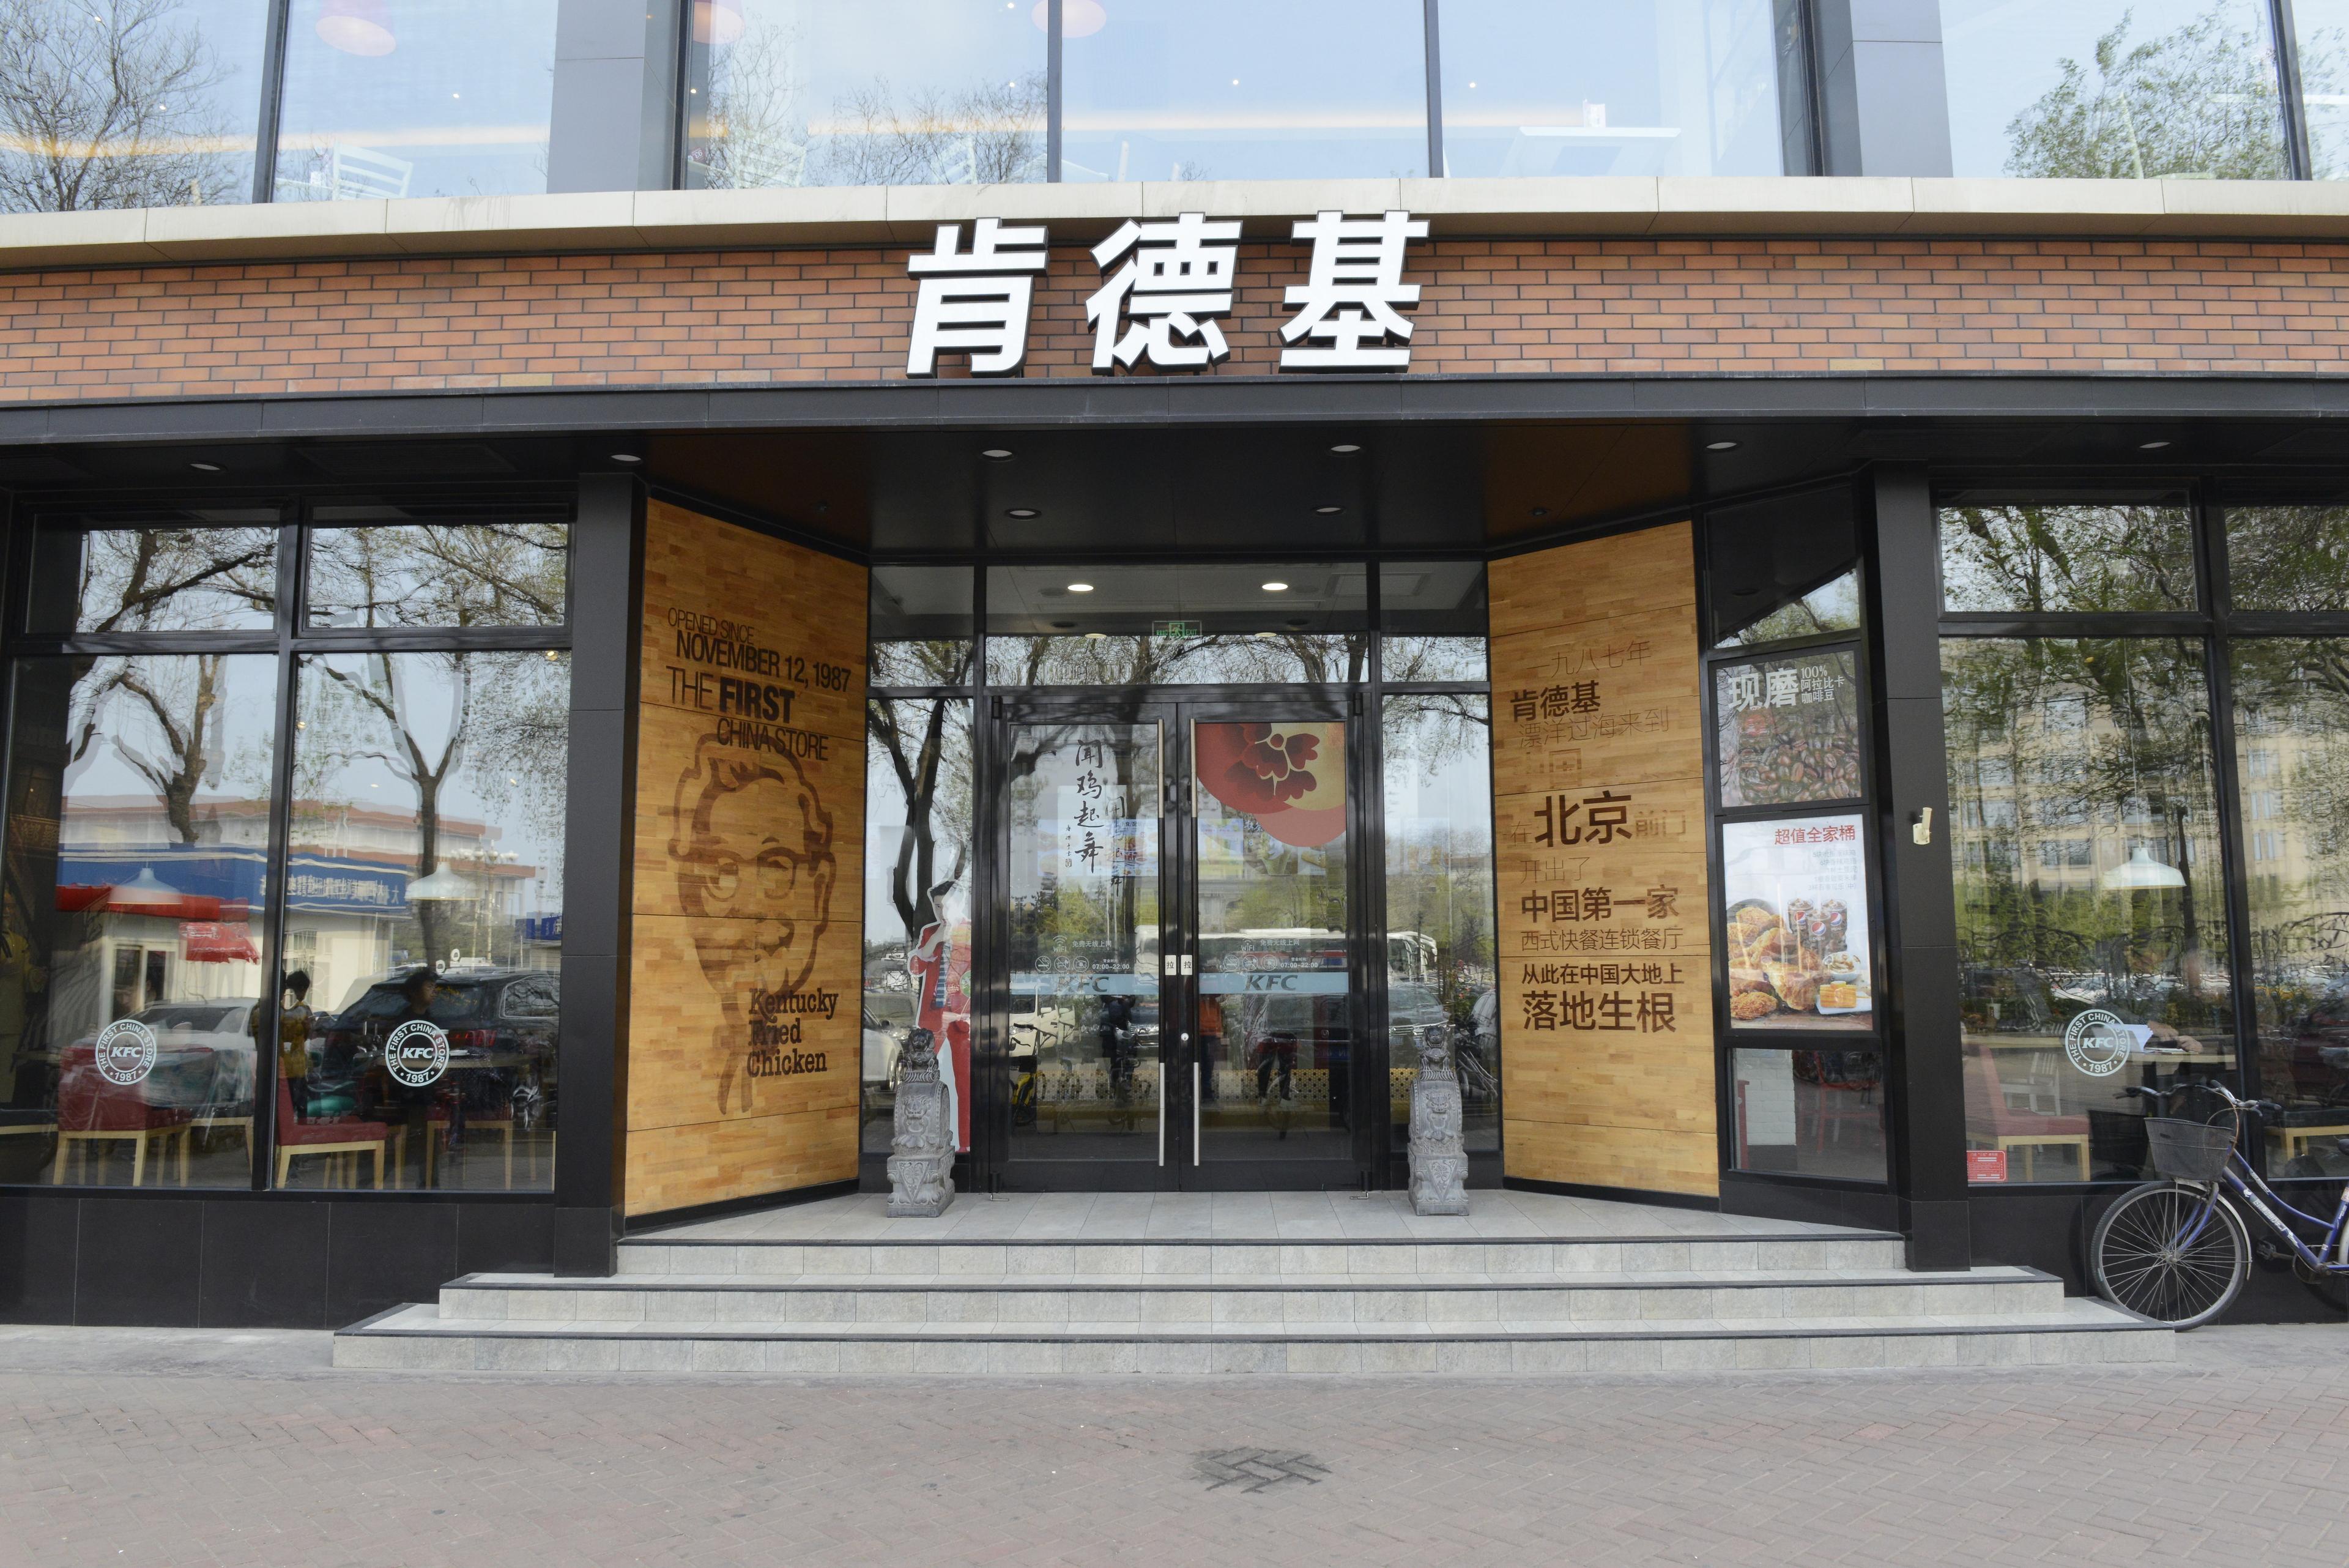 一半订单靠外卖外带,百胜中国二季度净利下滑26% 今年仍将新开超800家餐厅